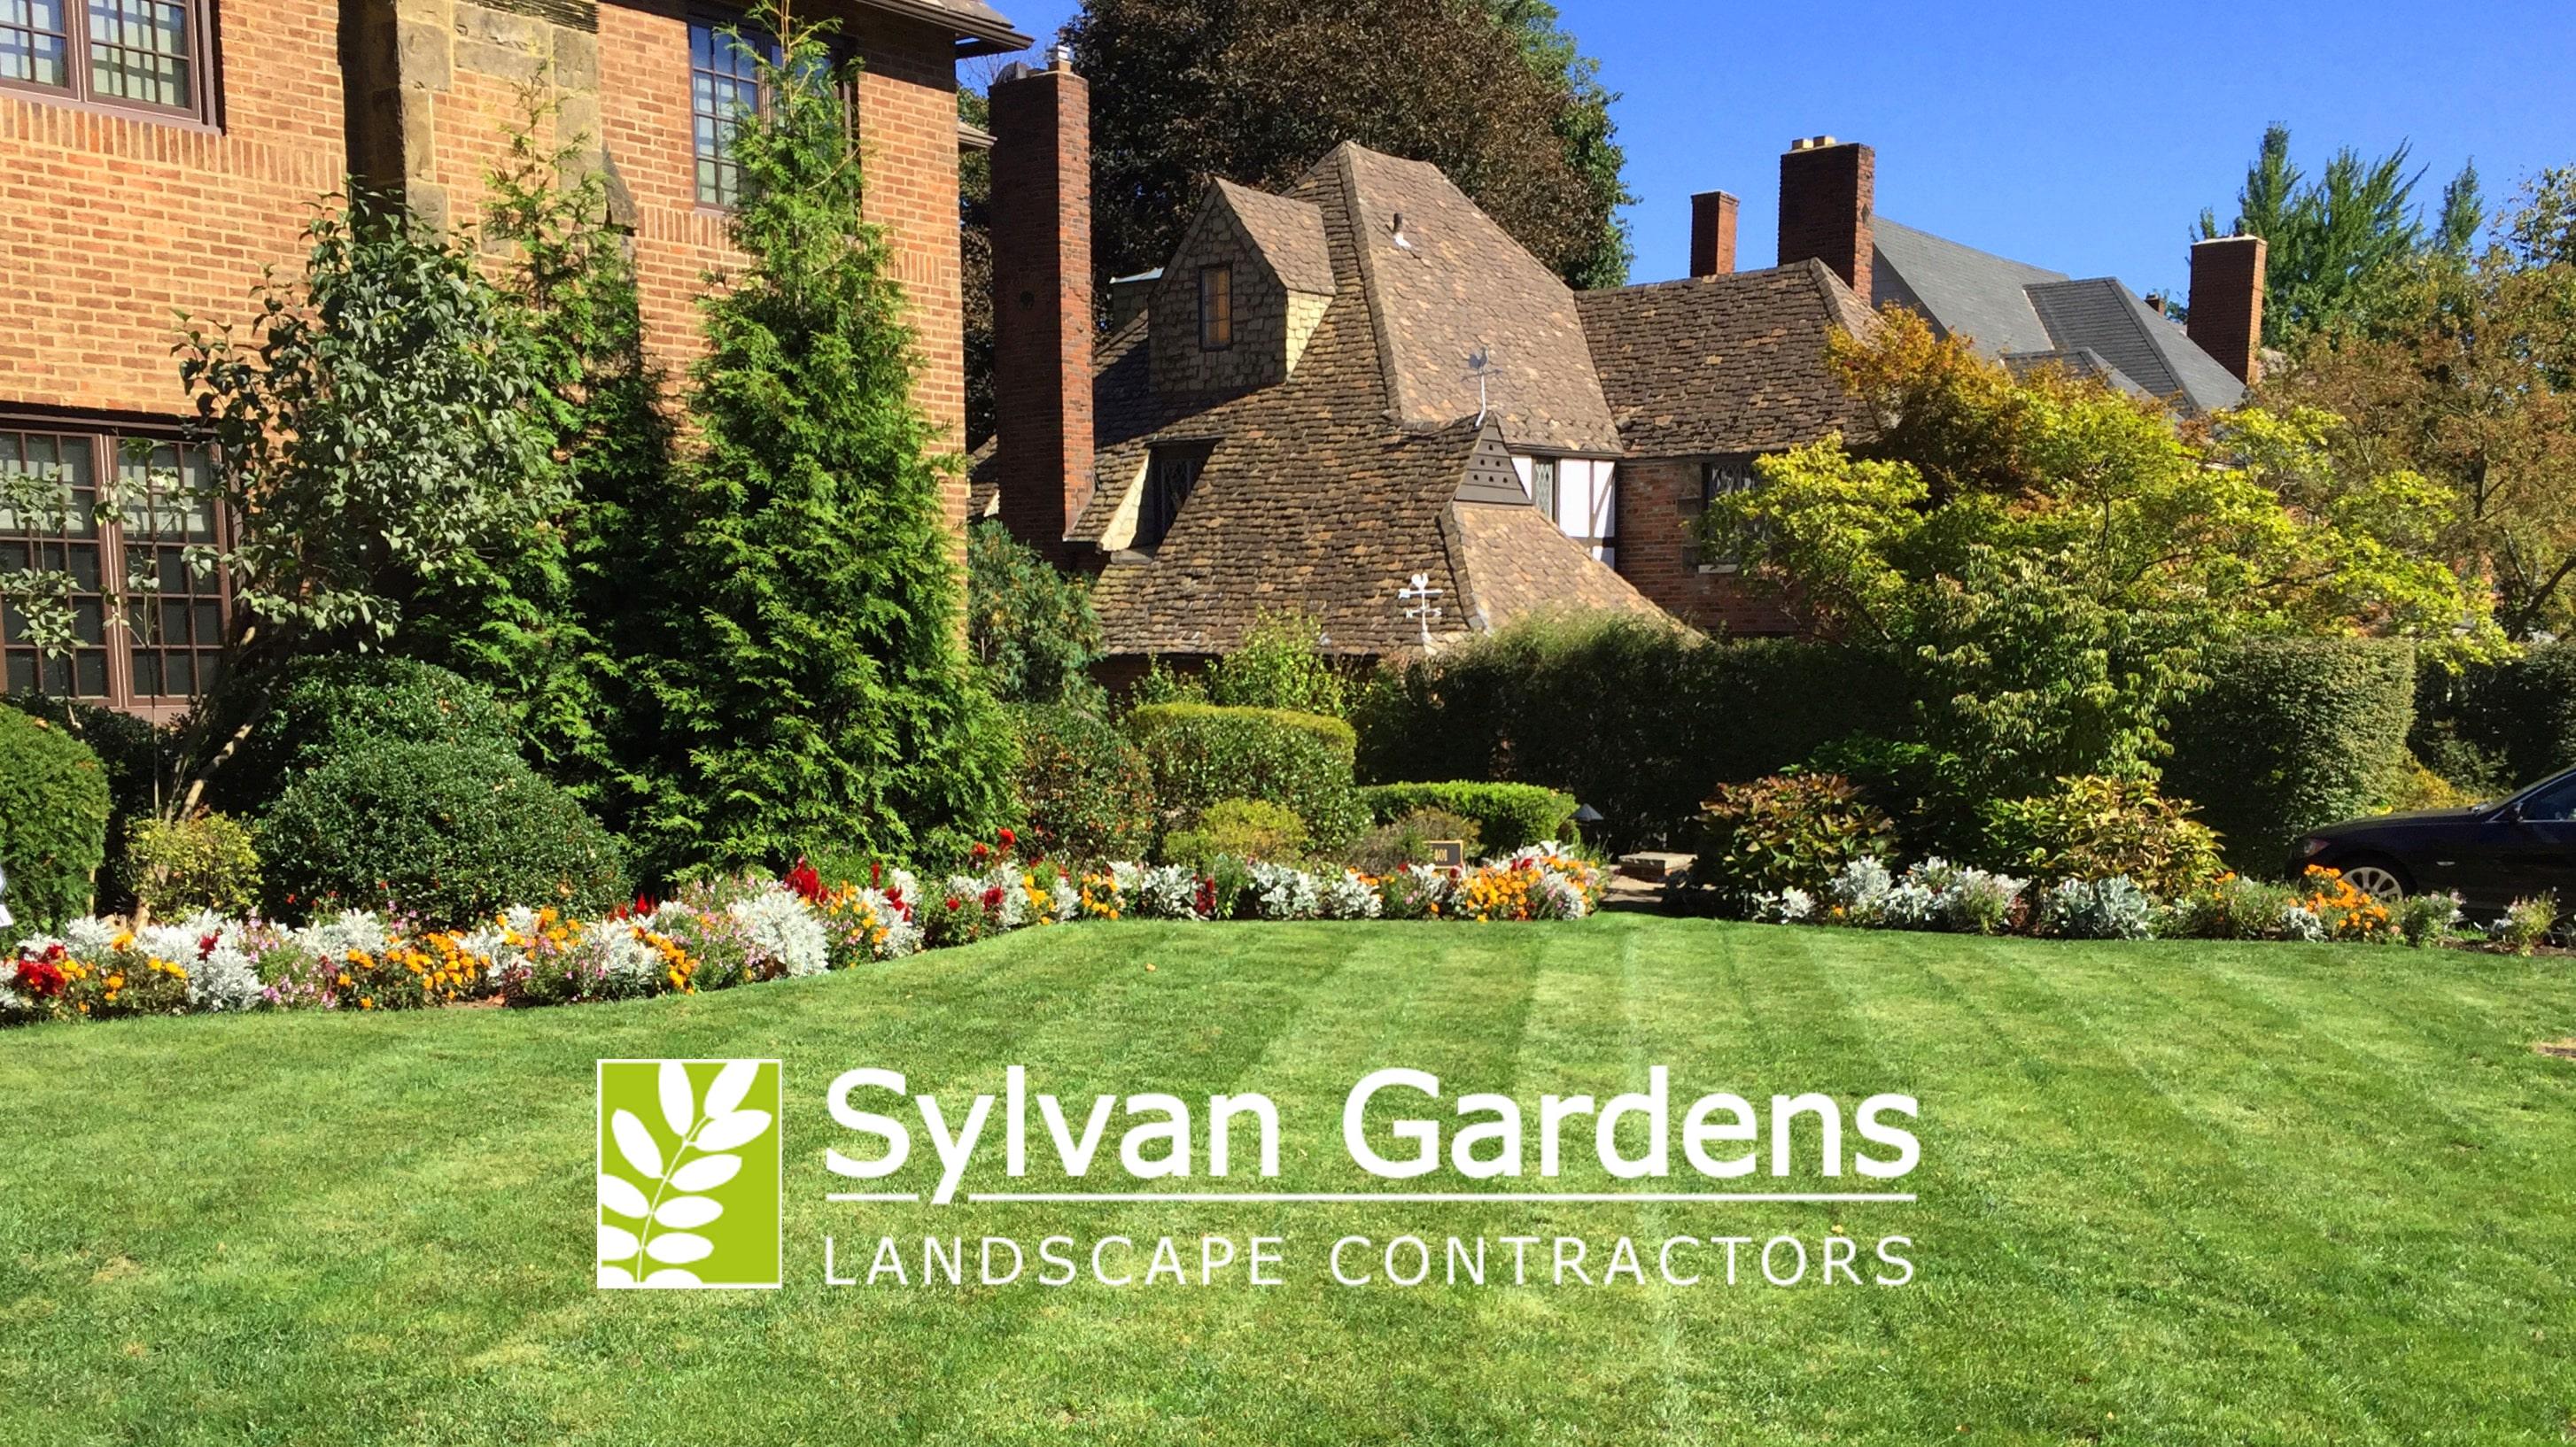 Pittsburgh Landscaping Sylvan Gardens Landscape Contractors